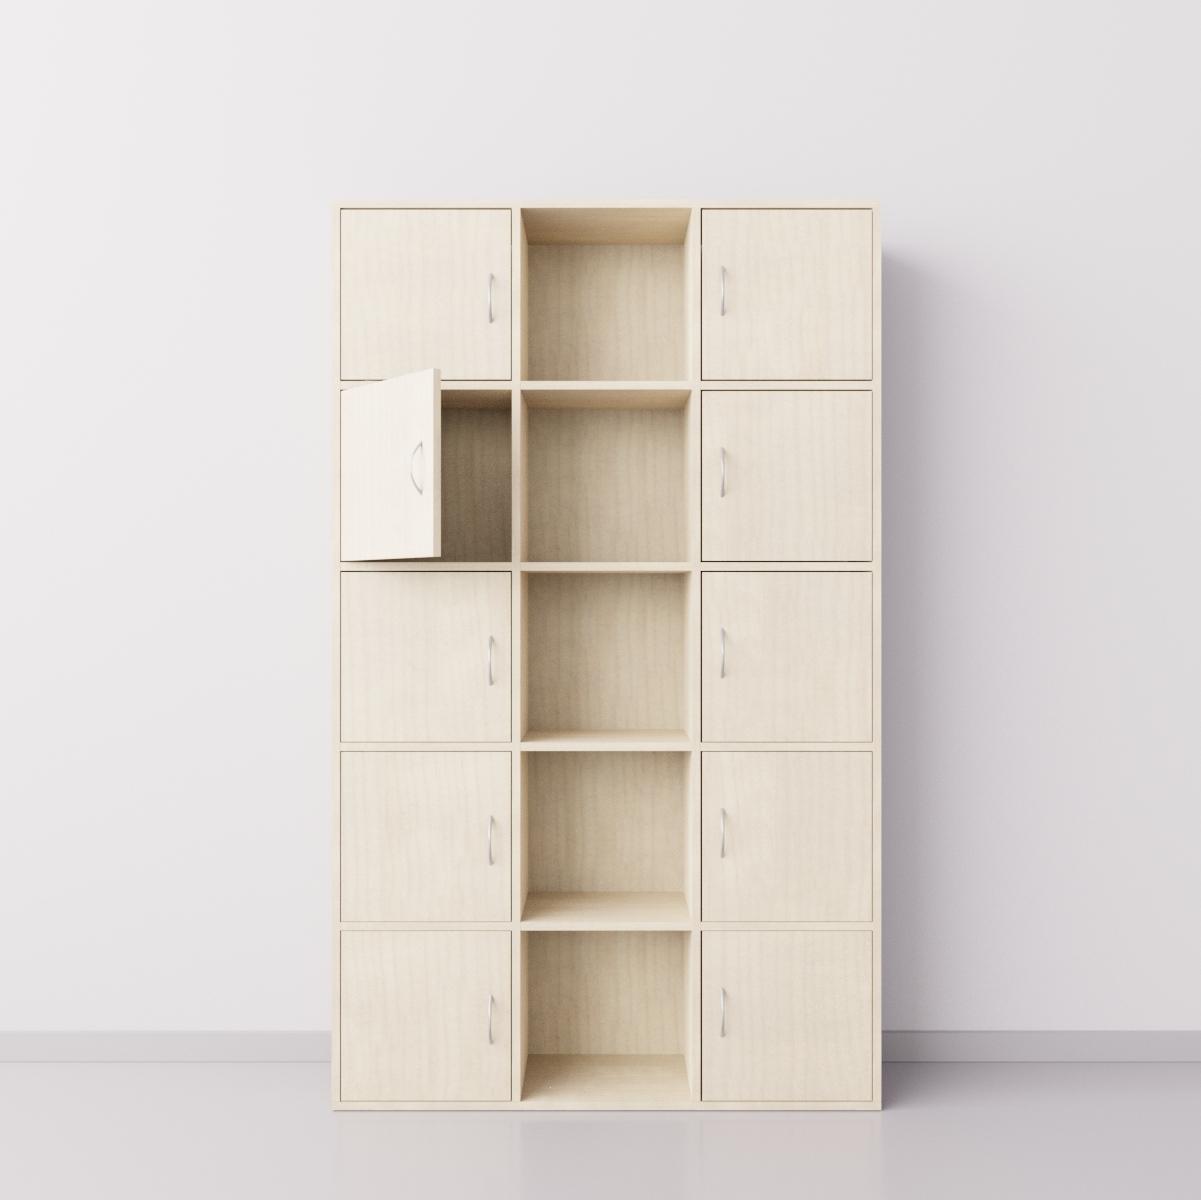 Шкаф из ДСП 3х5 квадратов с десятью дверцами , клён